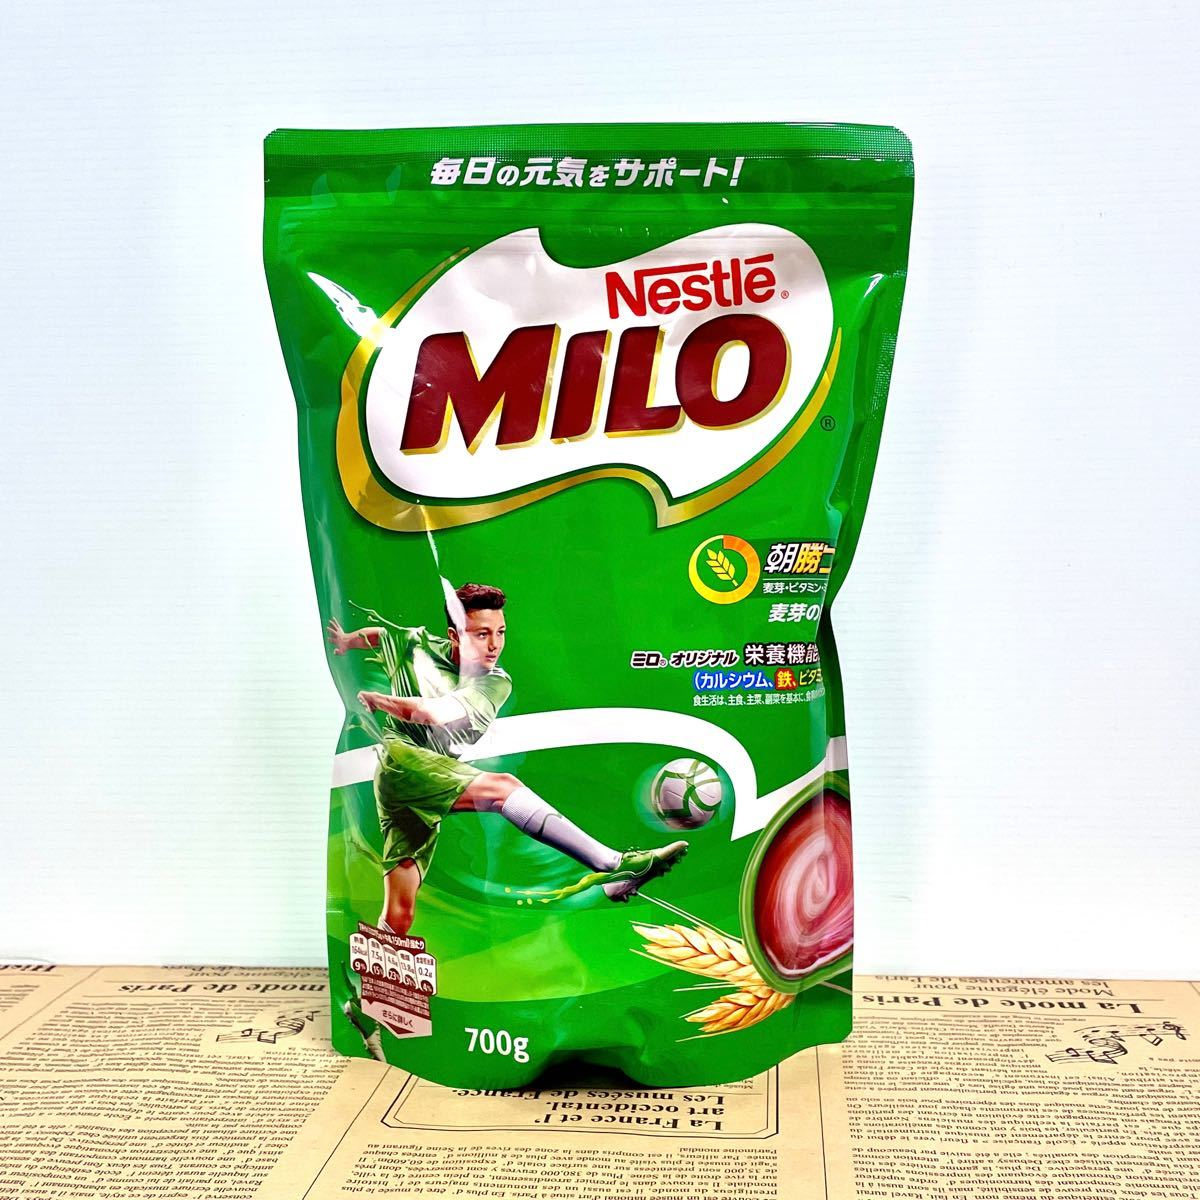 未開封 ネスレミロ 大容量 700g 4袋 【匿名配送】●